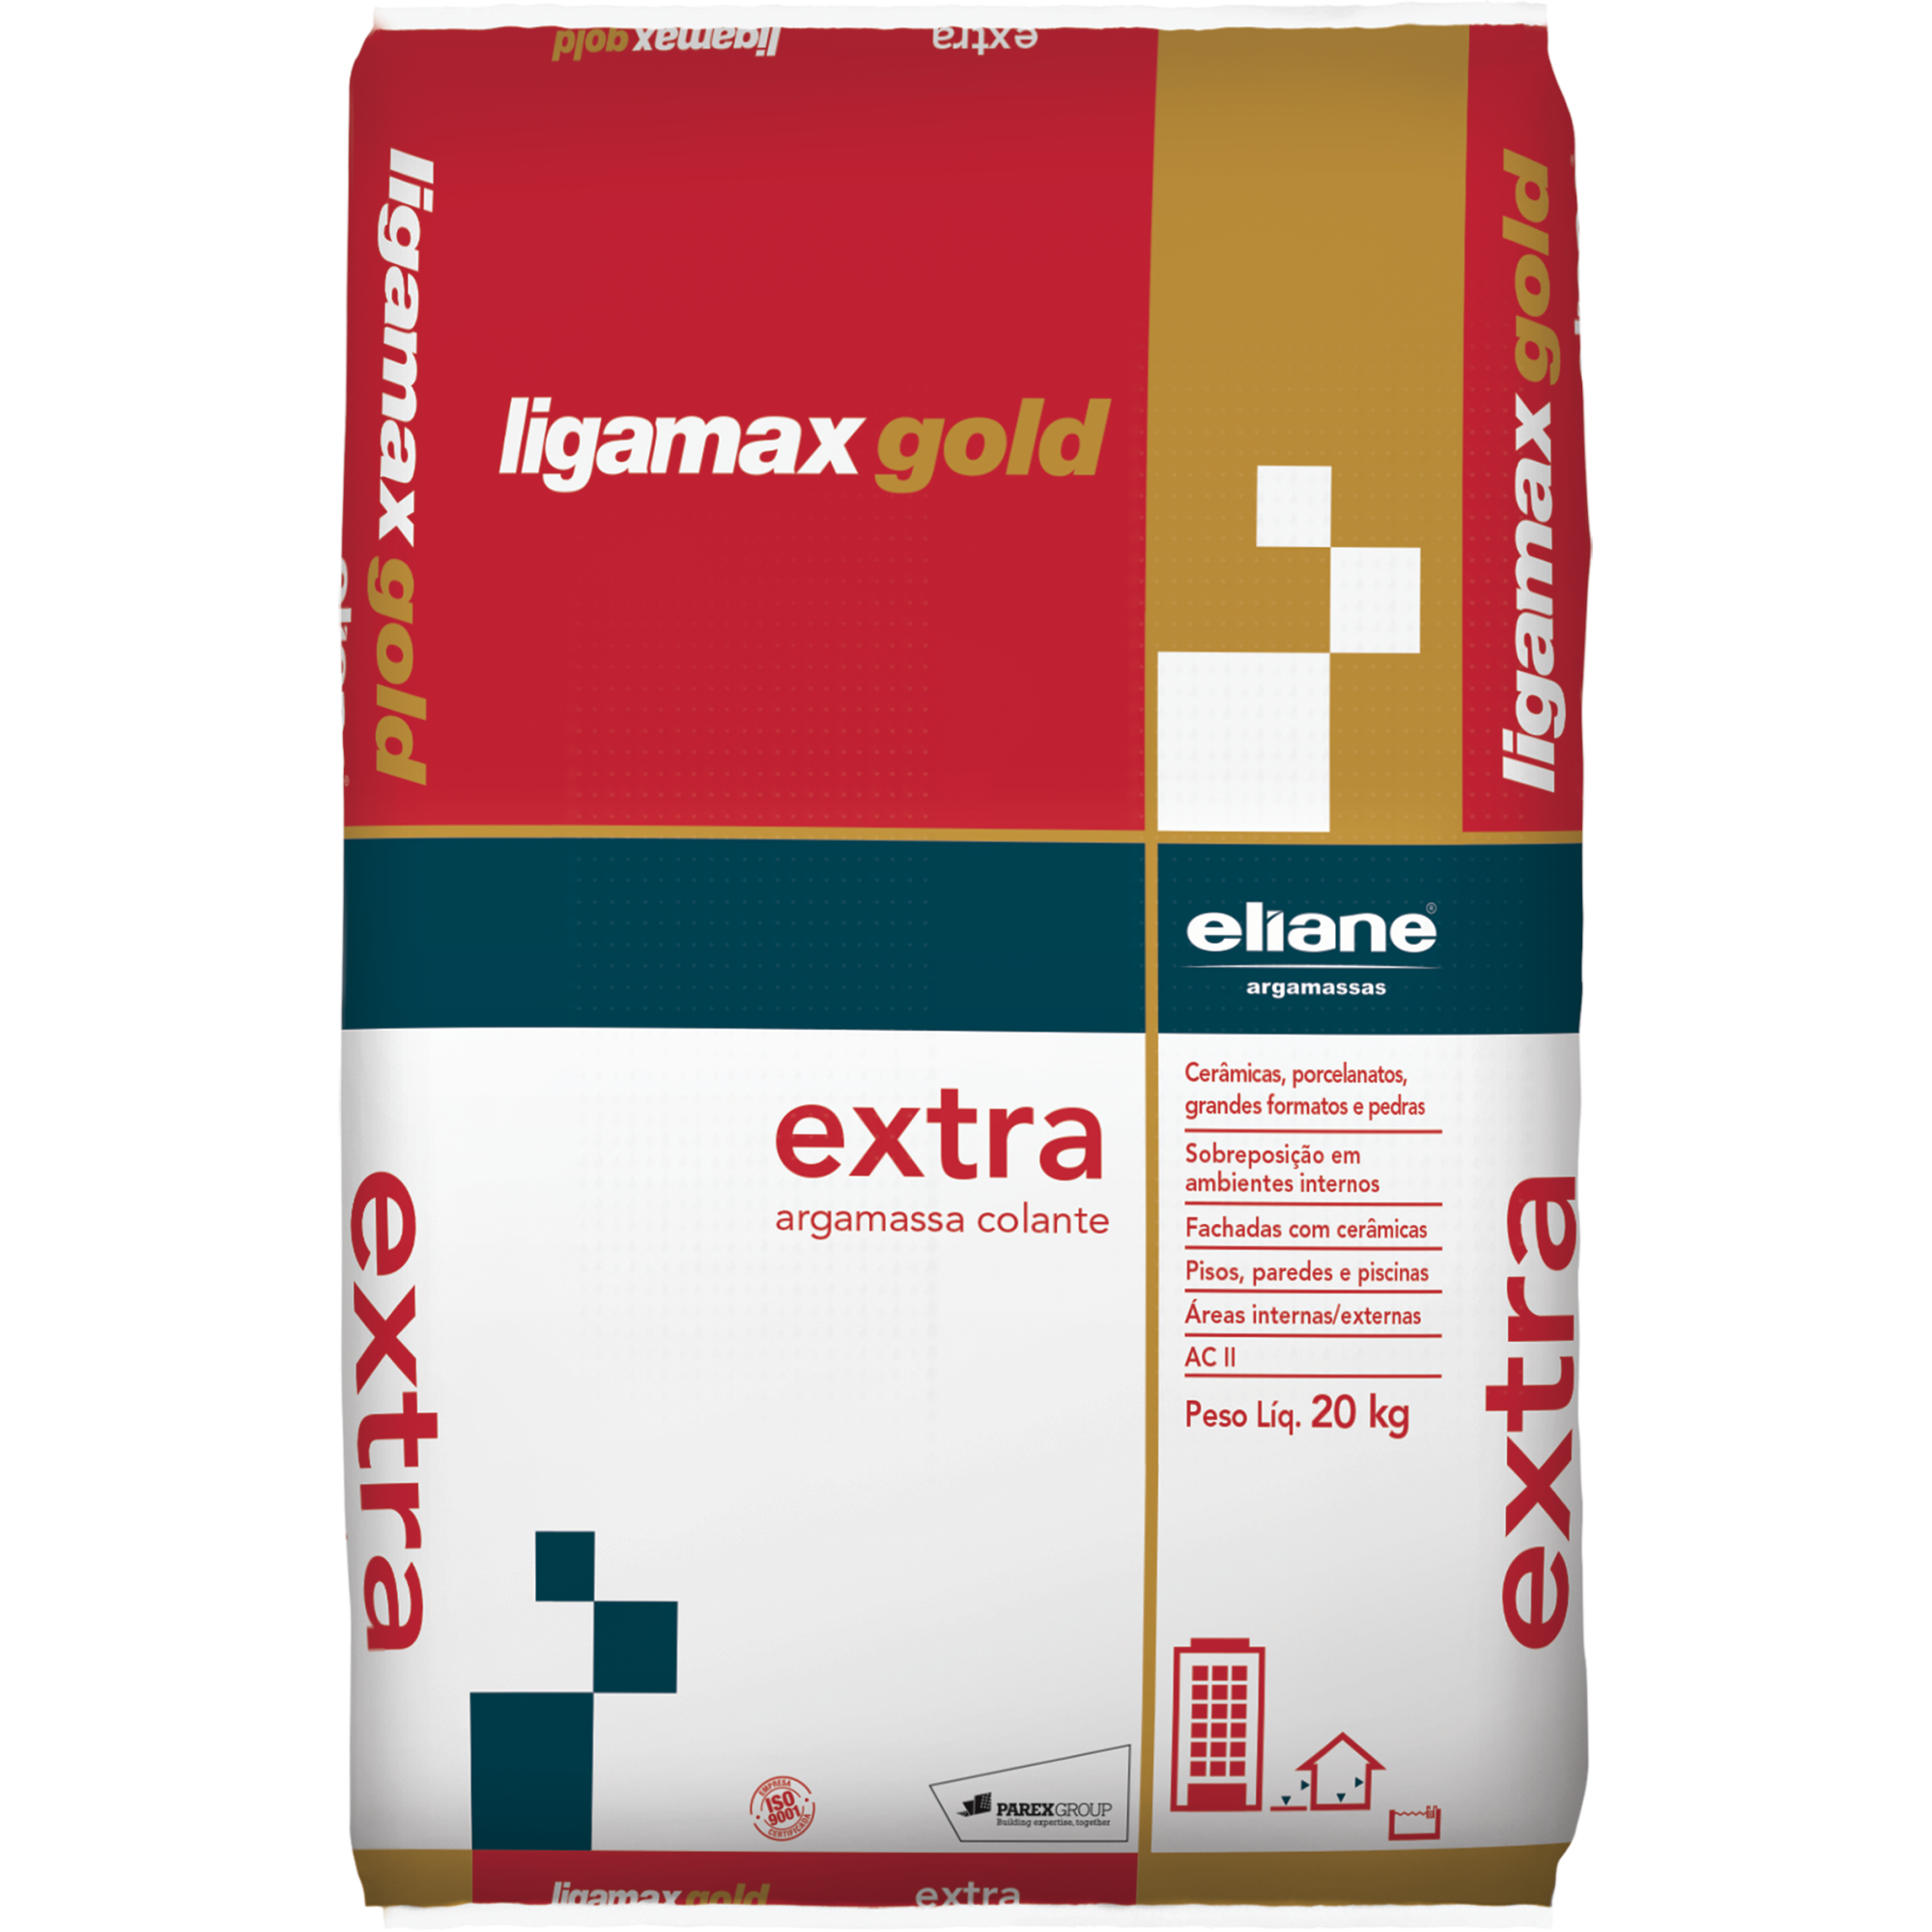 Argamassa ACII Ligamax Externo Cinza Saco20kg - Eliane